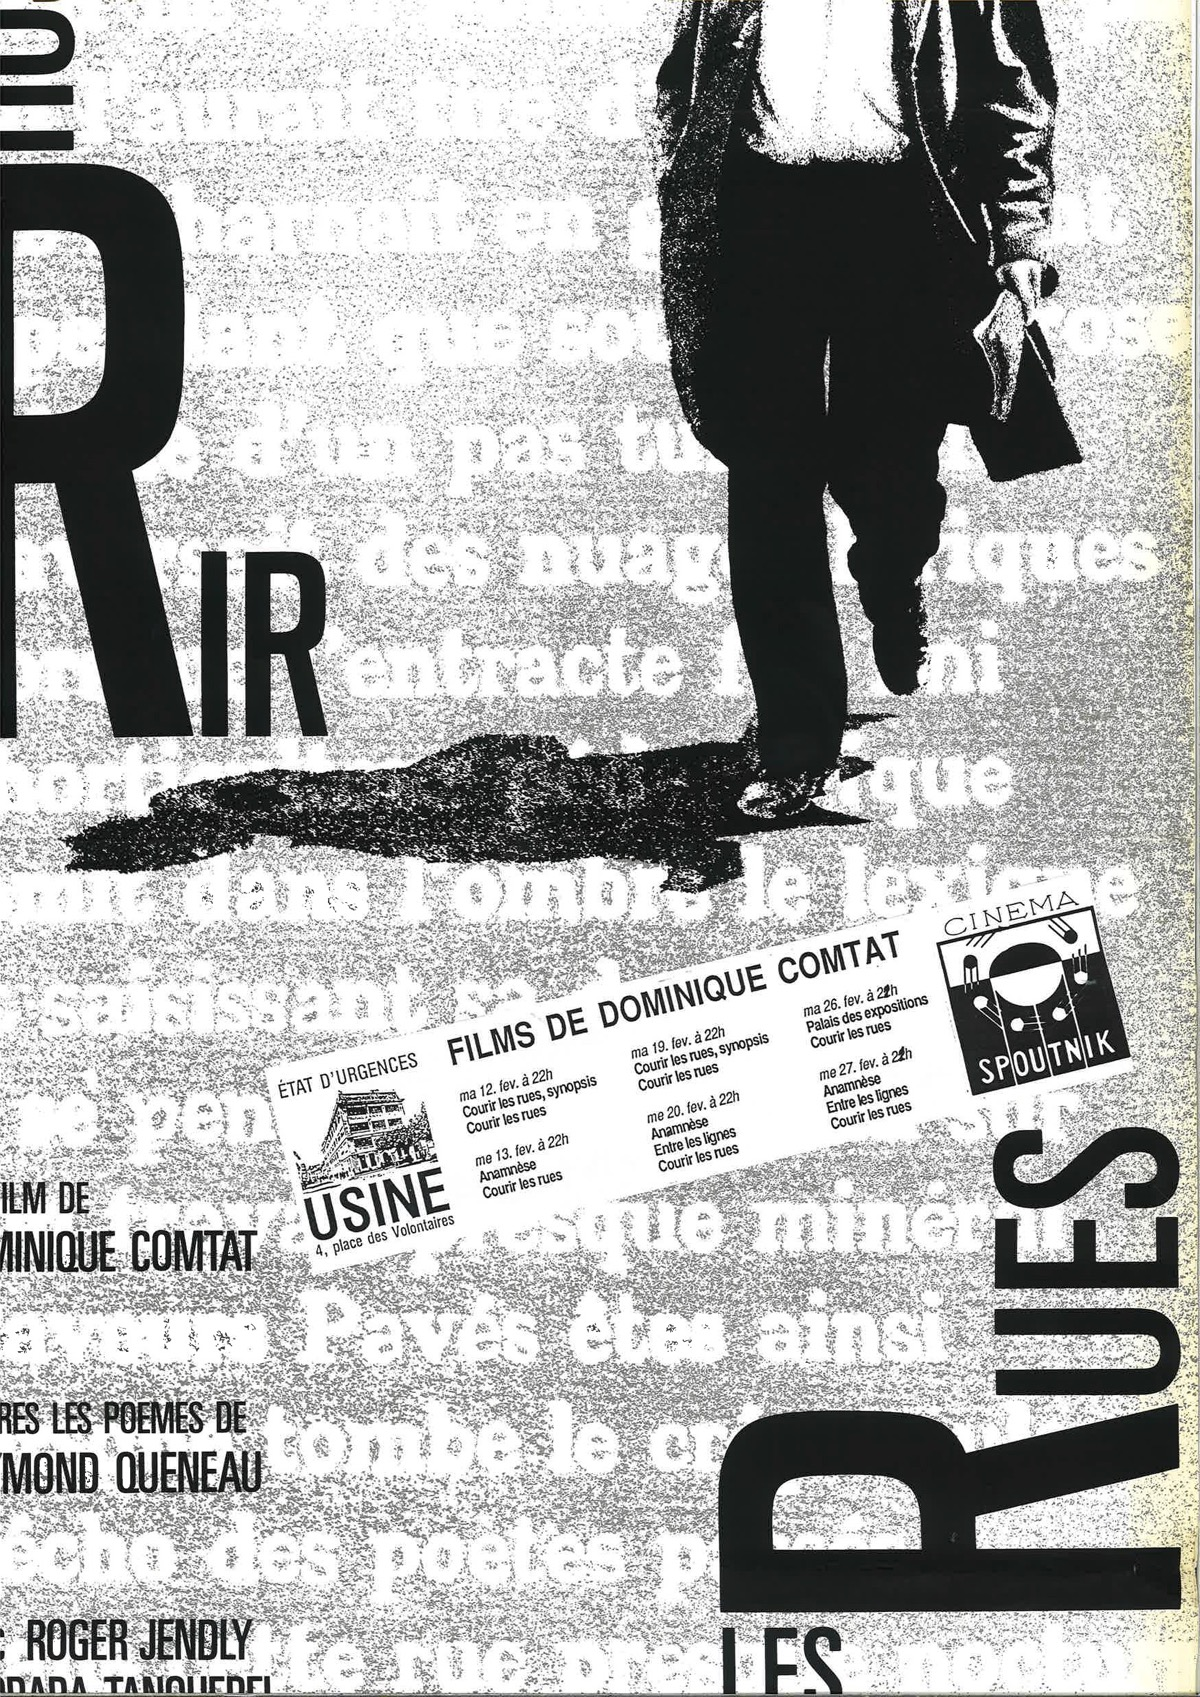 Cinq films de Dominique Comtat